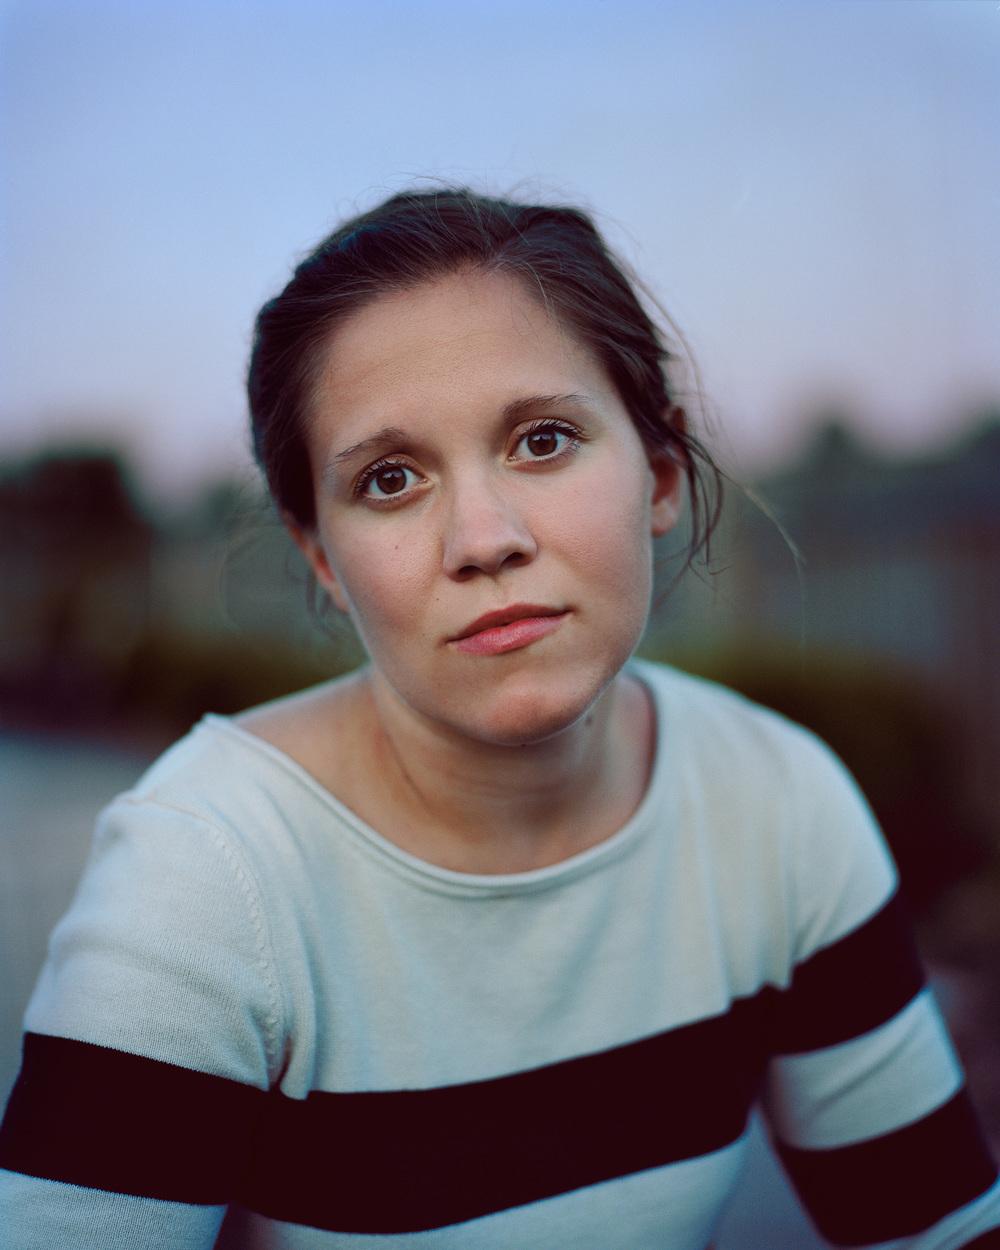 Kate Mercer